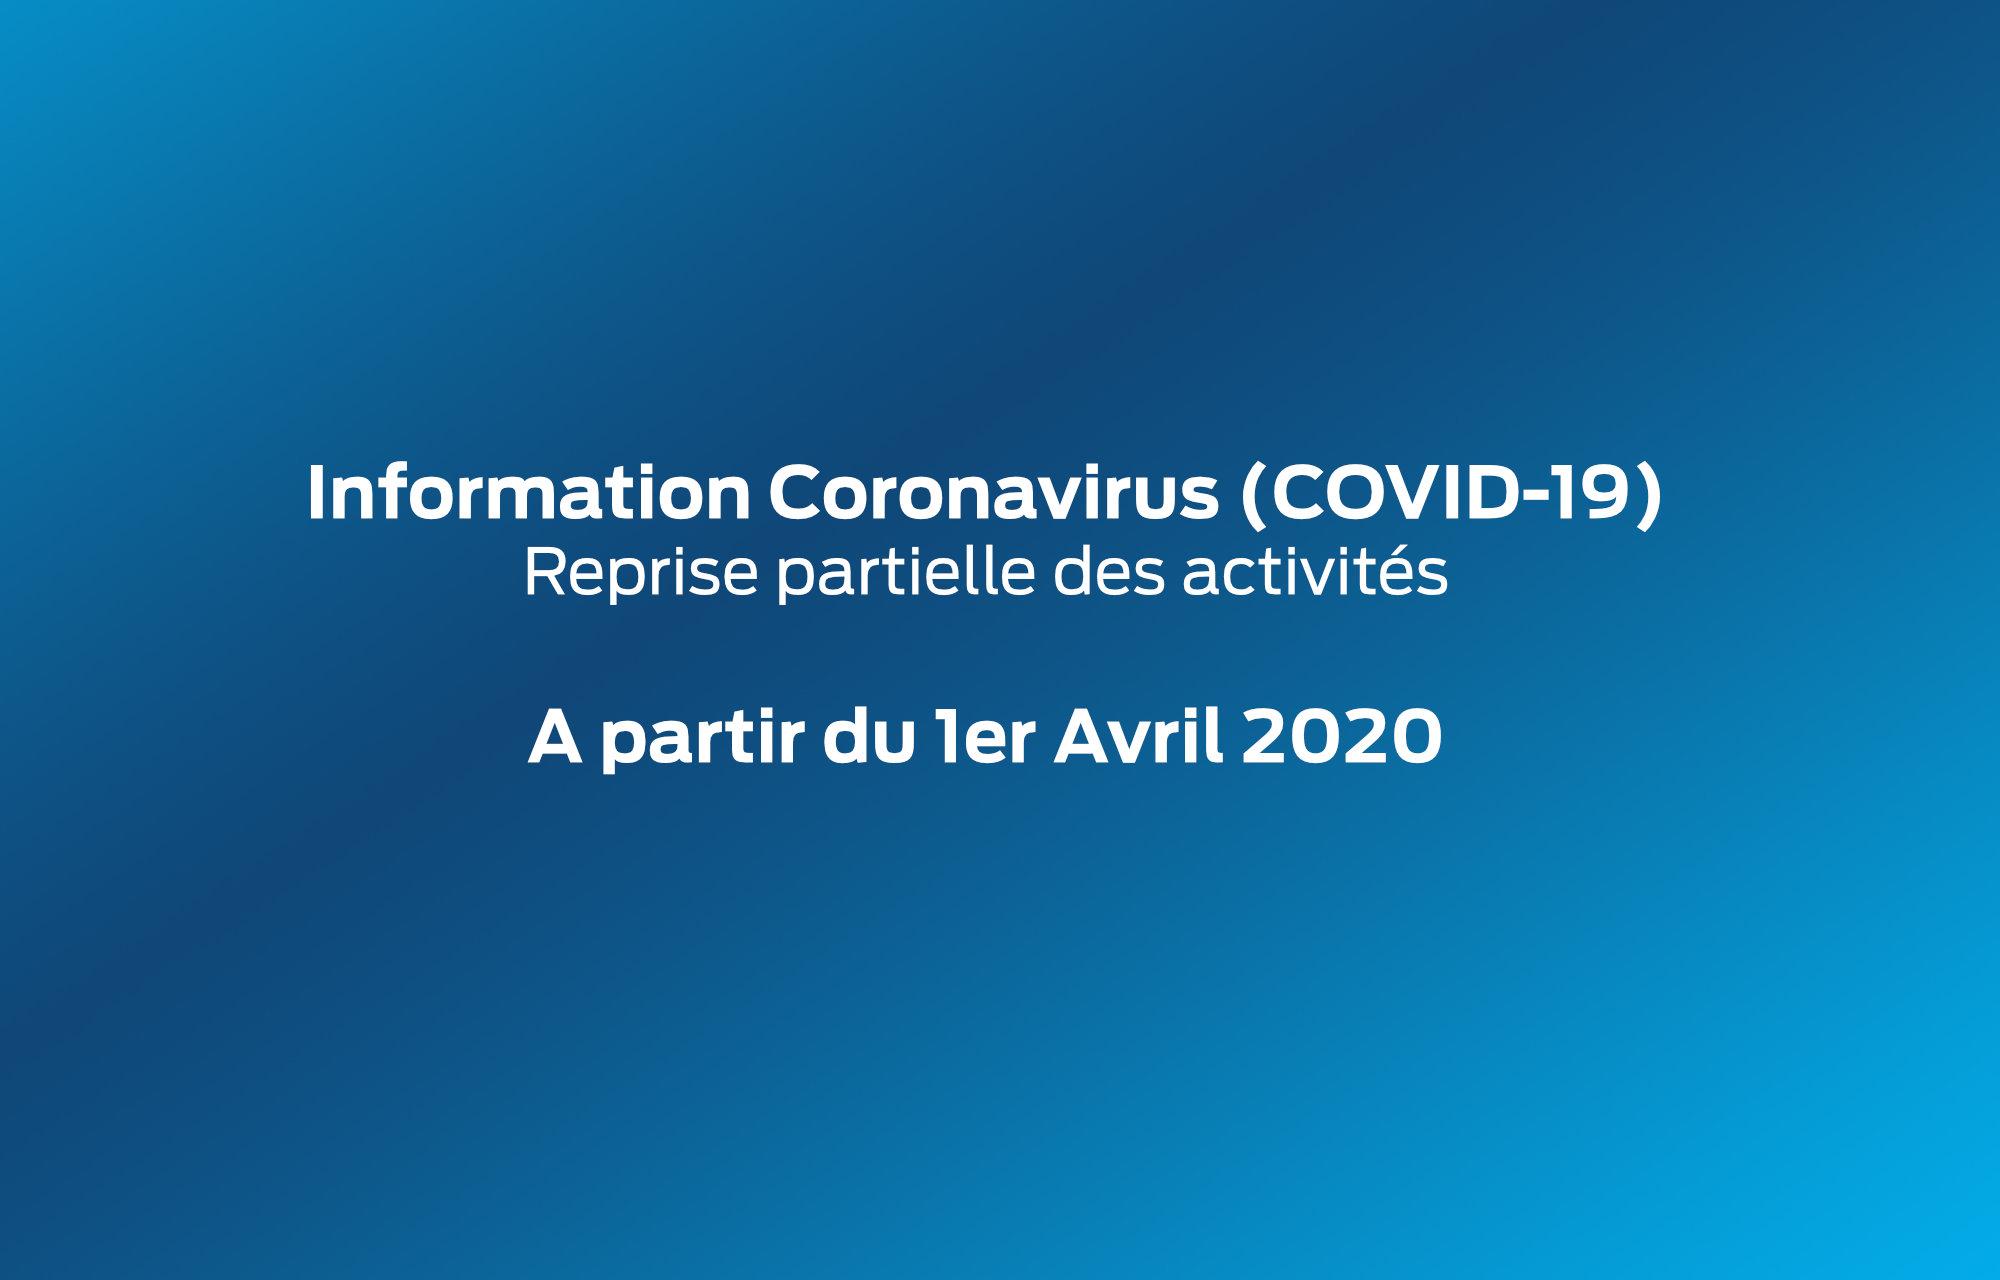 **Information importante COVID-19** : Reprise partielle des activités